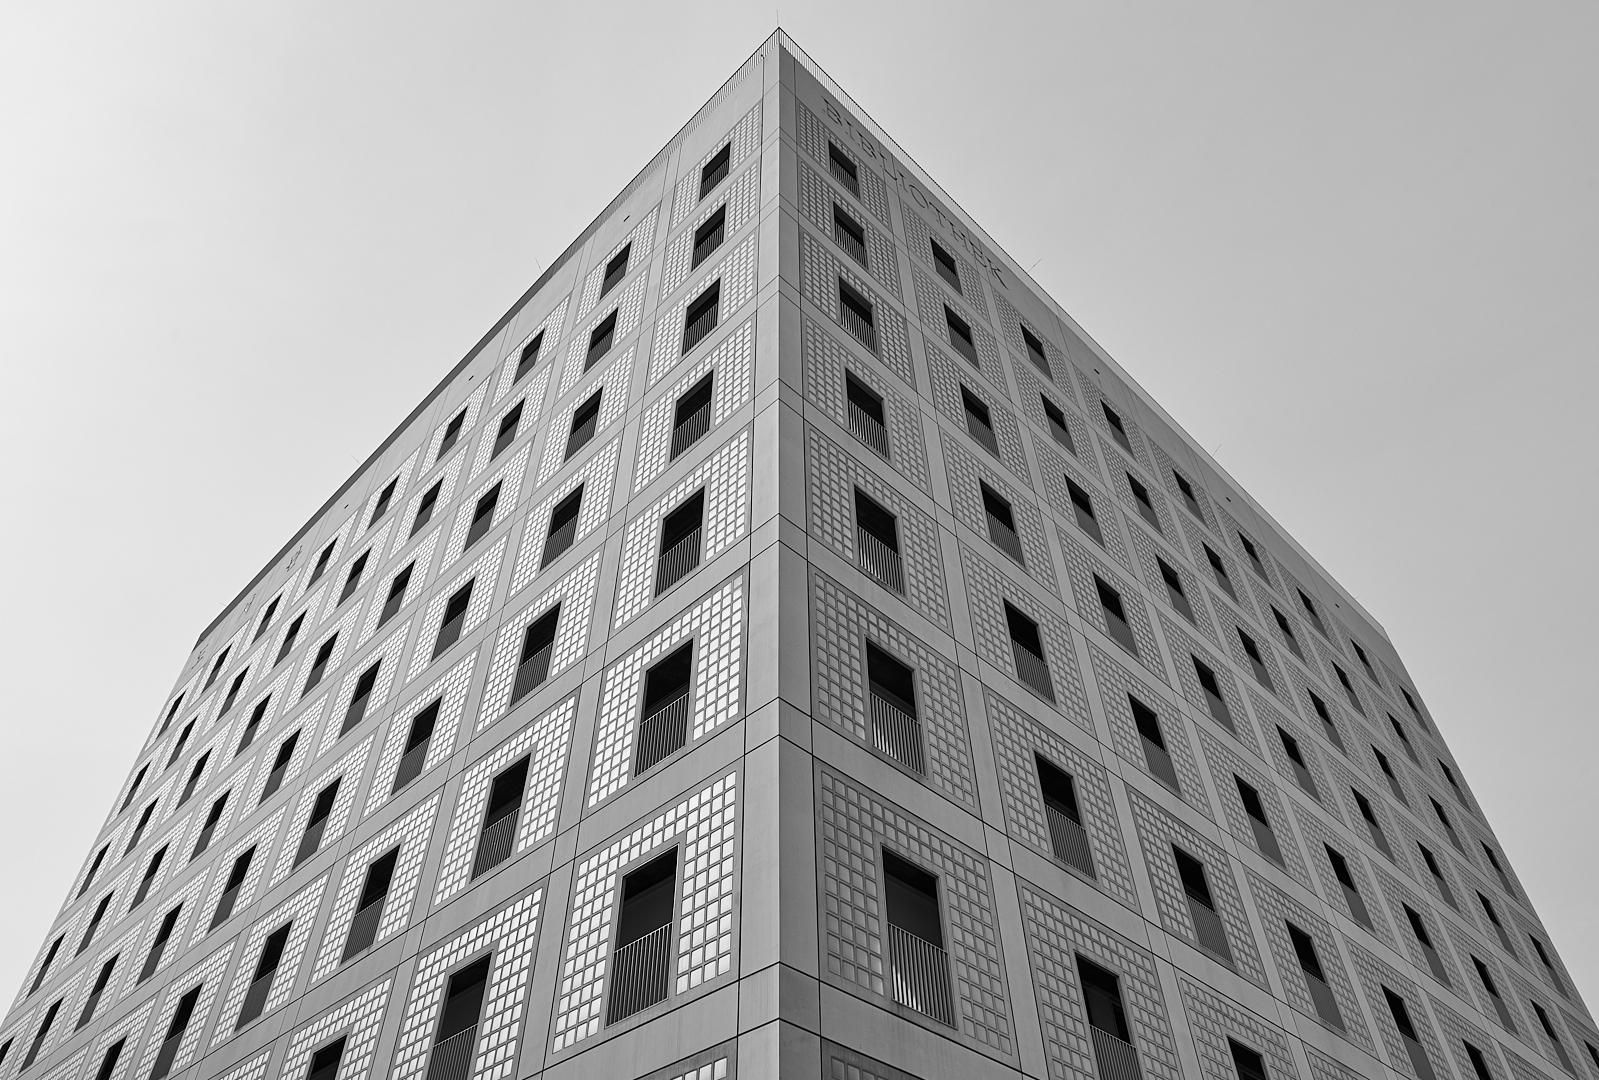 Fassade der Bildungsanstalt (Stadtbibliothek) in Stuttgart...